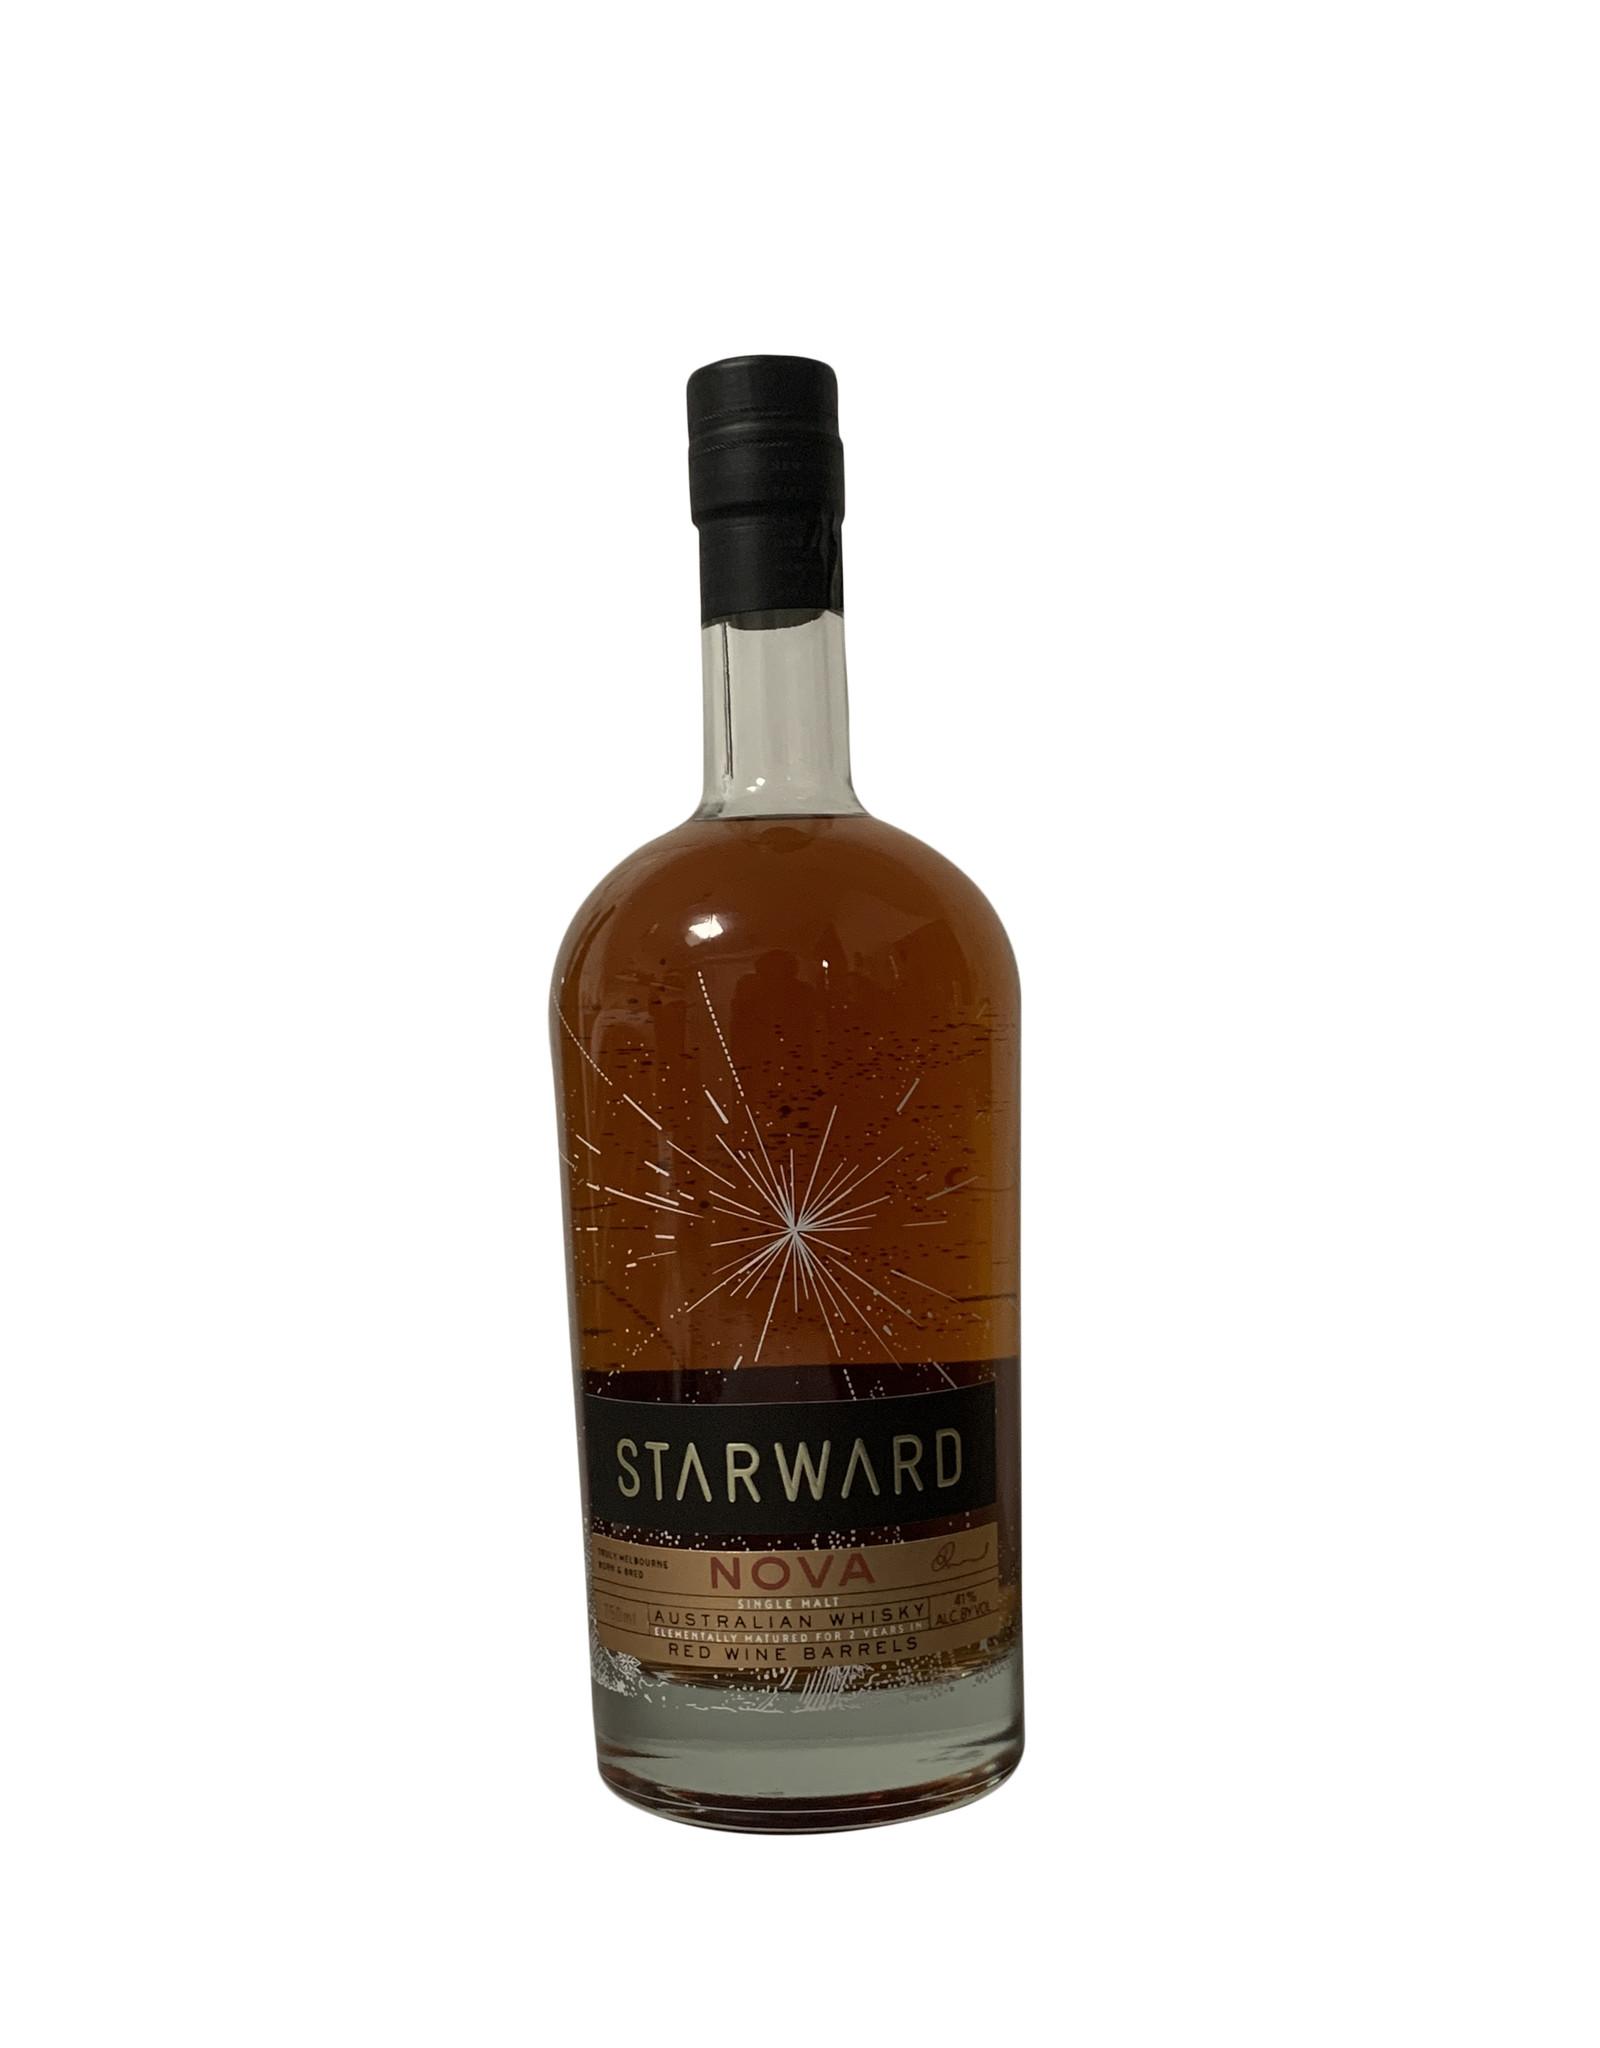 Starward Starward Nova Single Malt Australian Whisky, Australia (750mL)